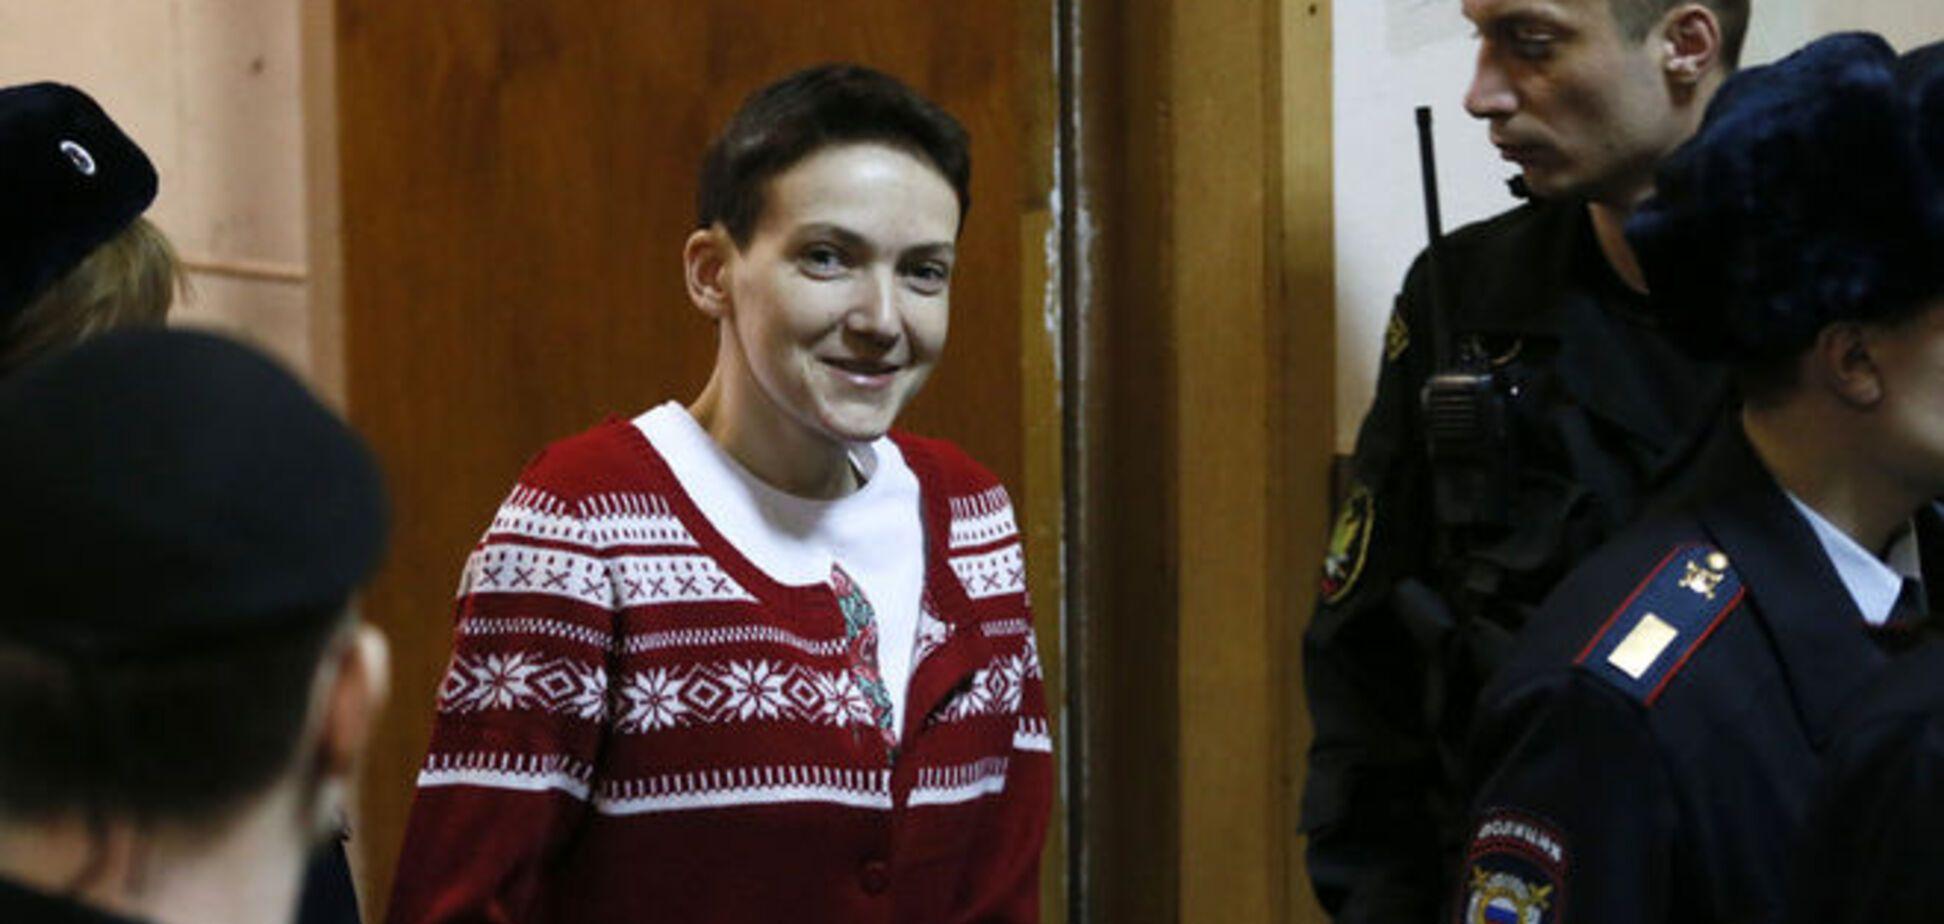 Украинские медики просят российских коллег присмотреть за выходом Савченко из голодовки